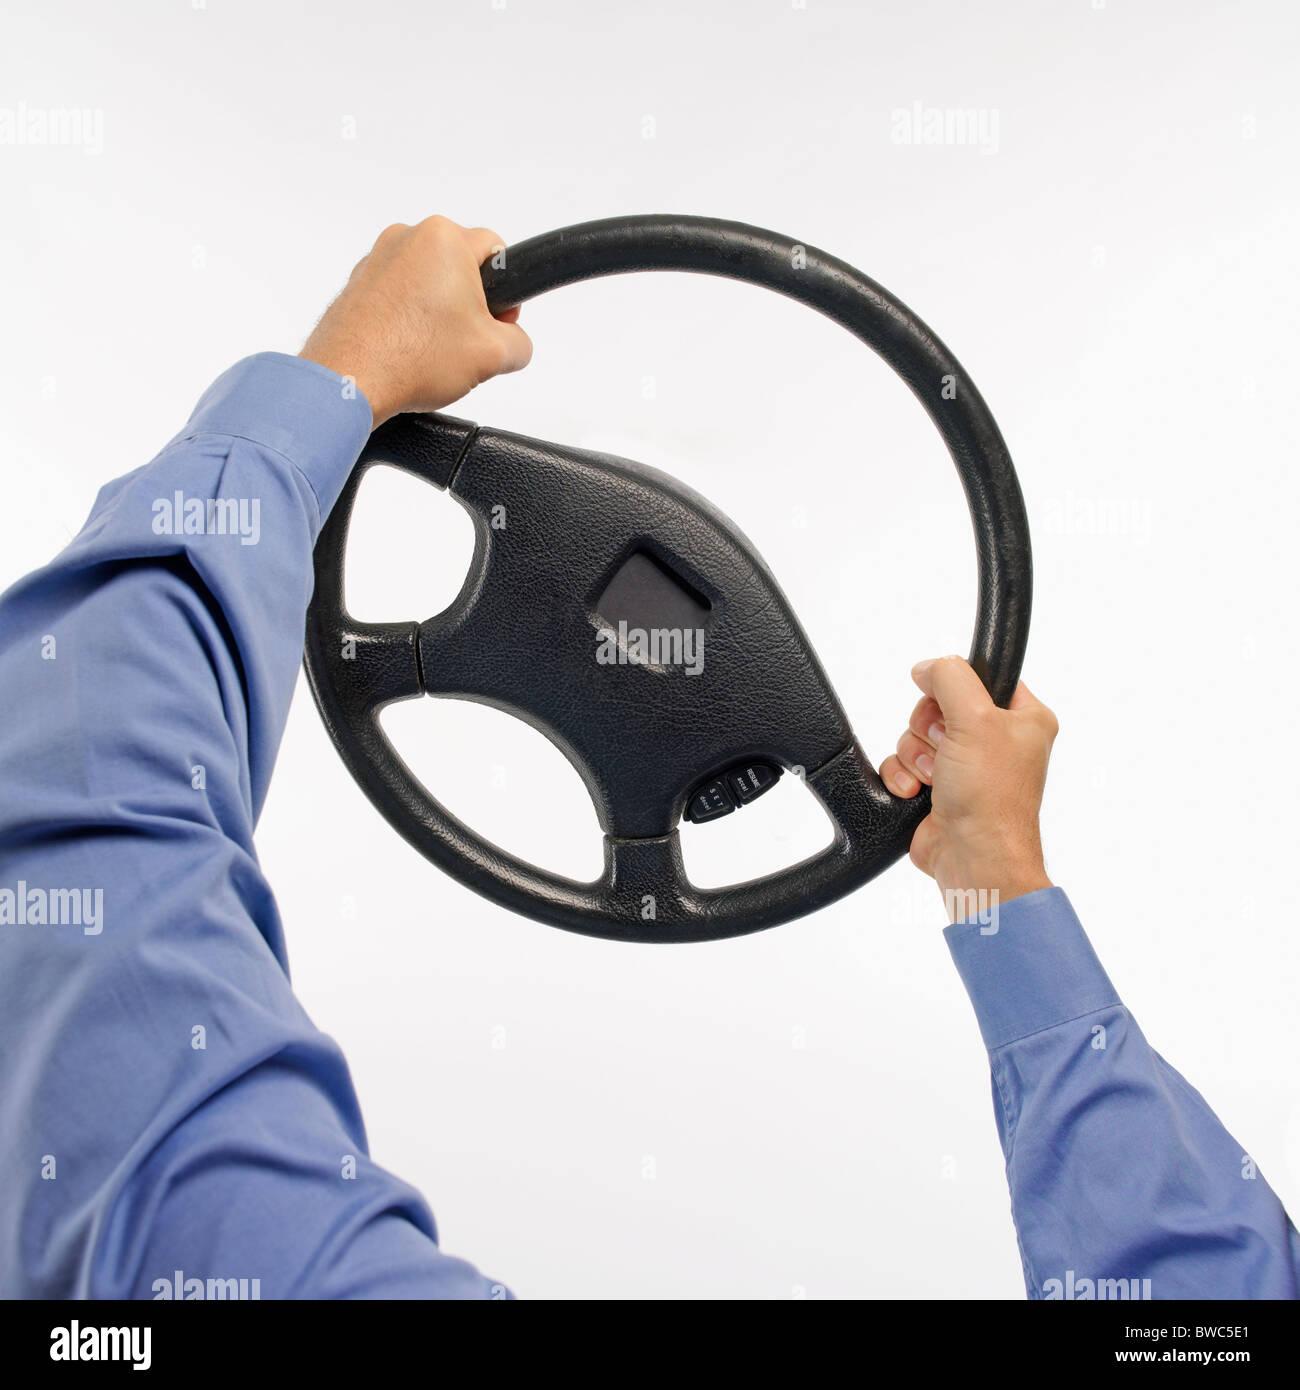 Voce maschile tenendo saldamente su di un volante di sterzo Immagini Stock